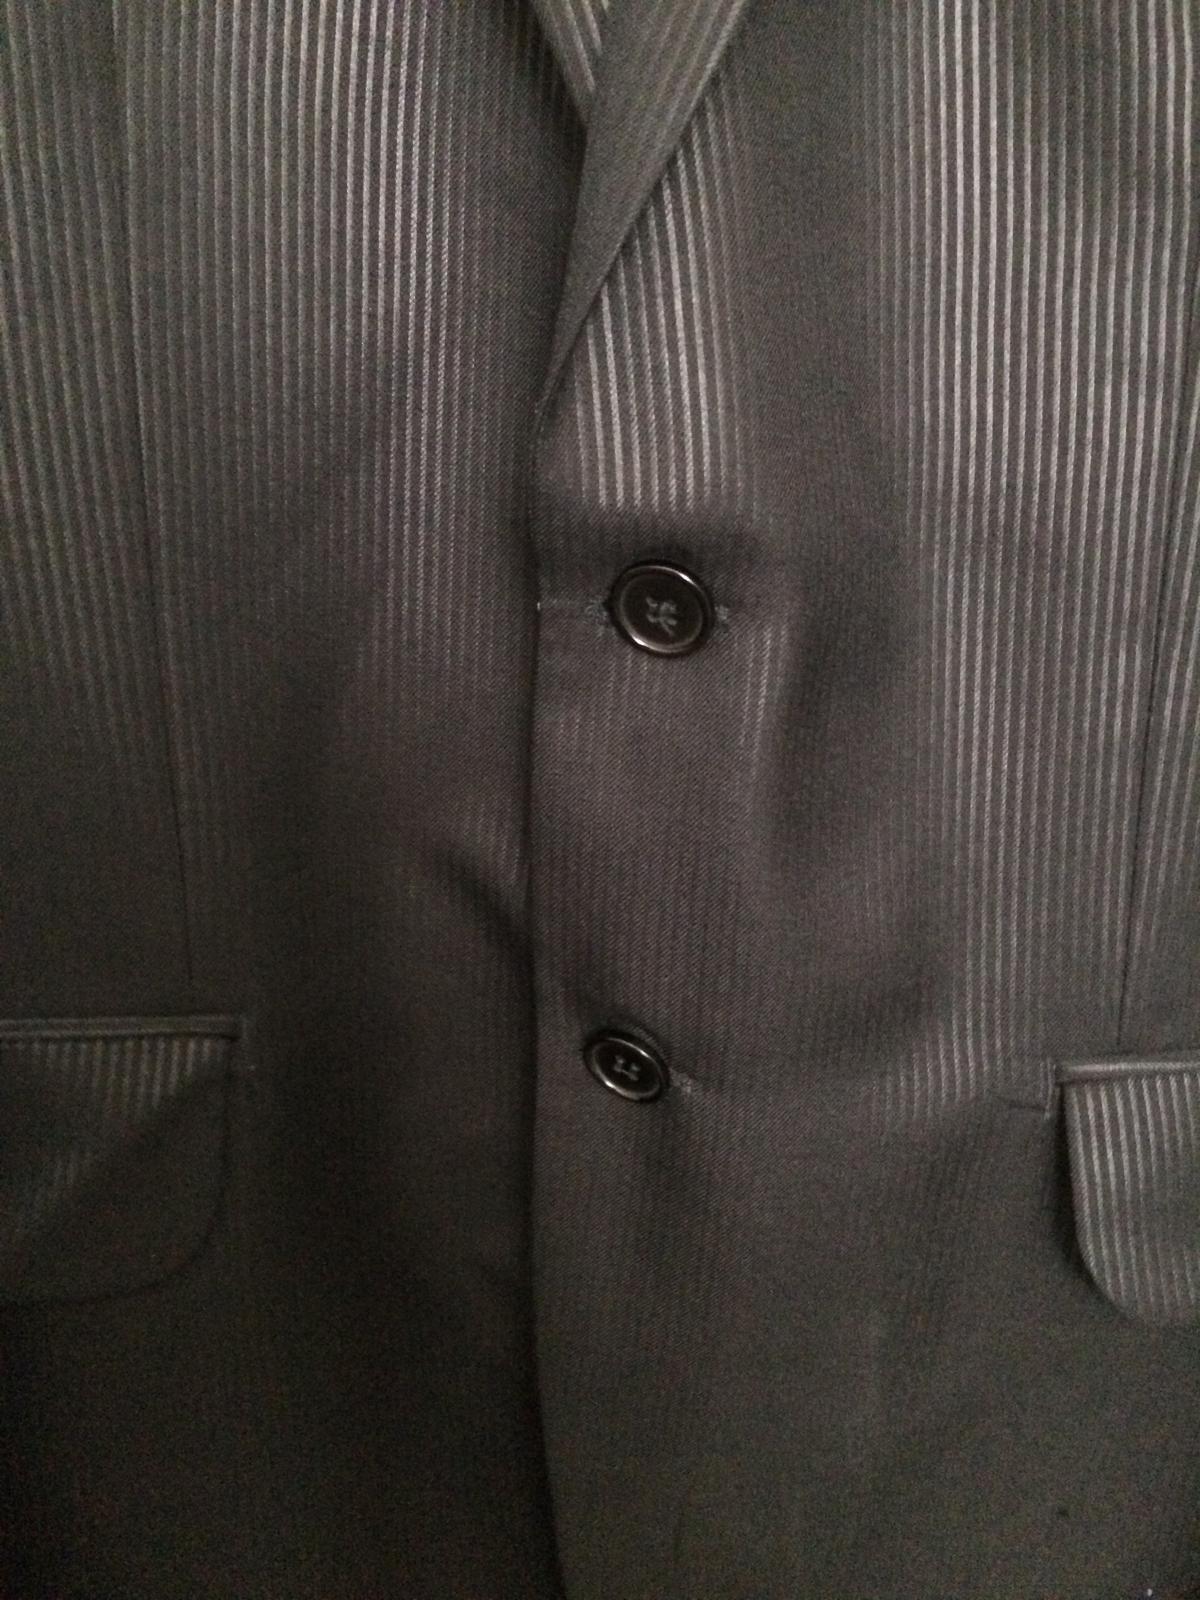 Pánsky čierny oblek - Obrázok č. 3